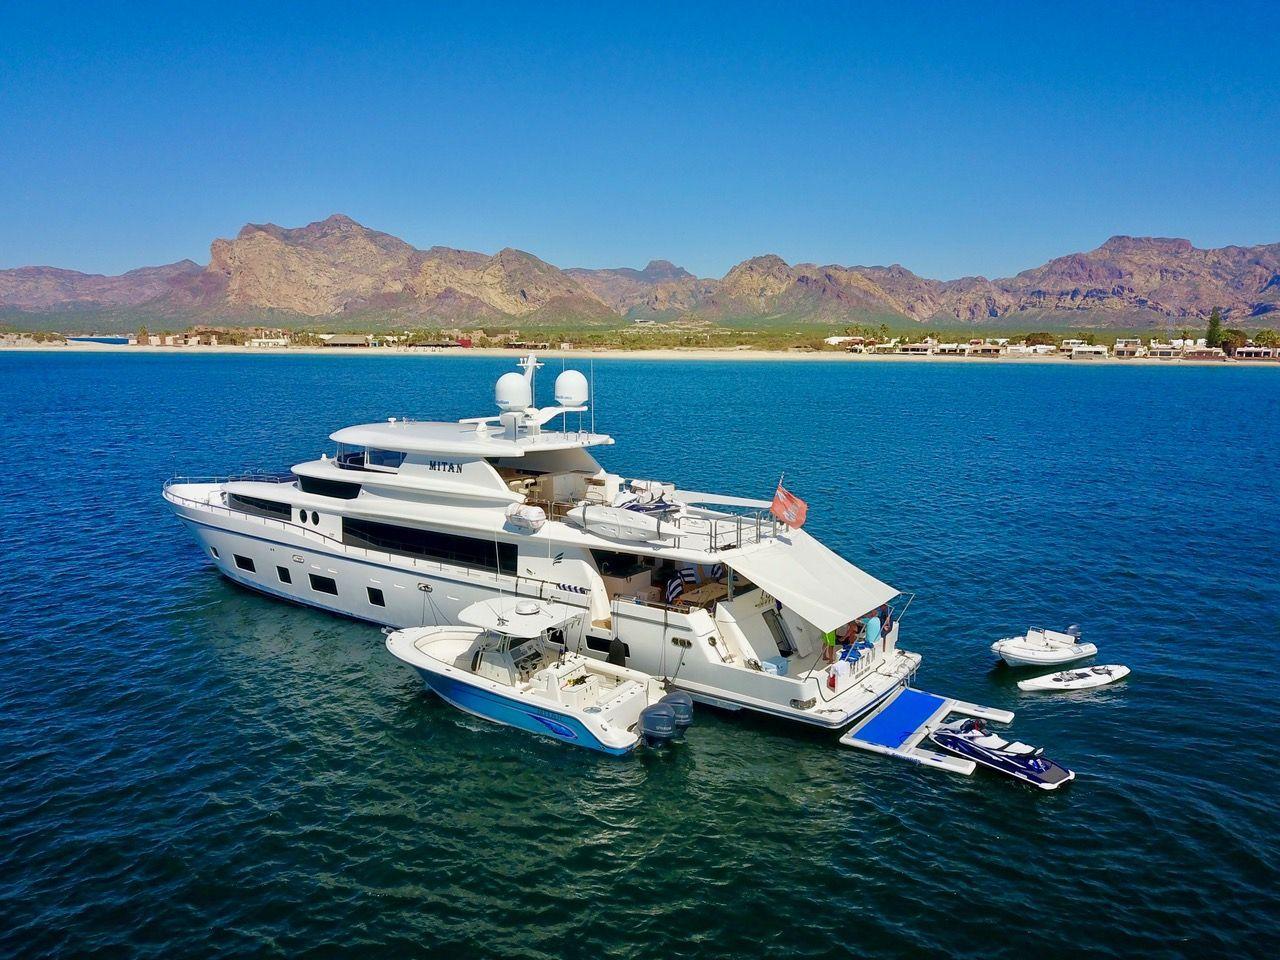 Johnson 110 Boats luxury, Boat rental, Boat